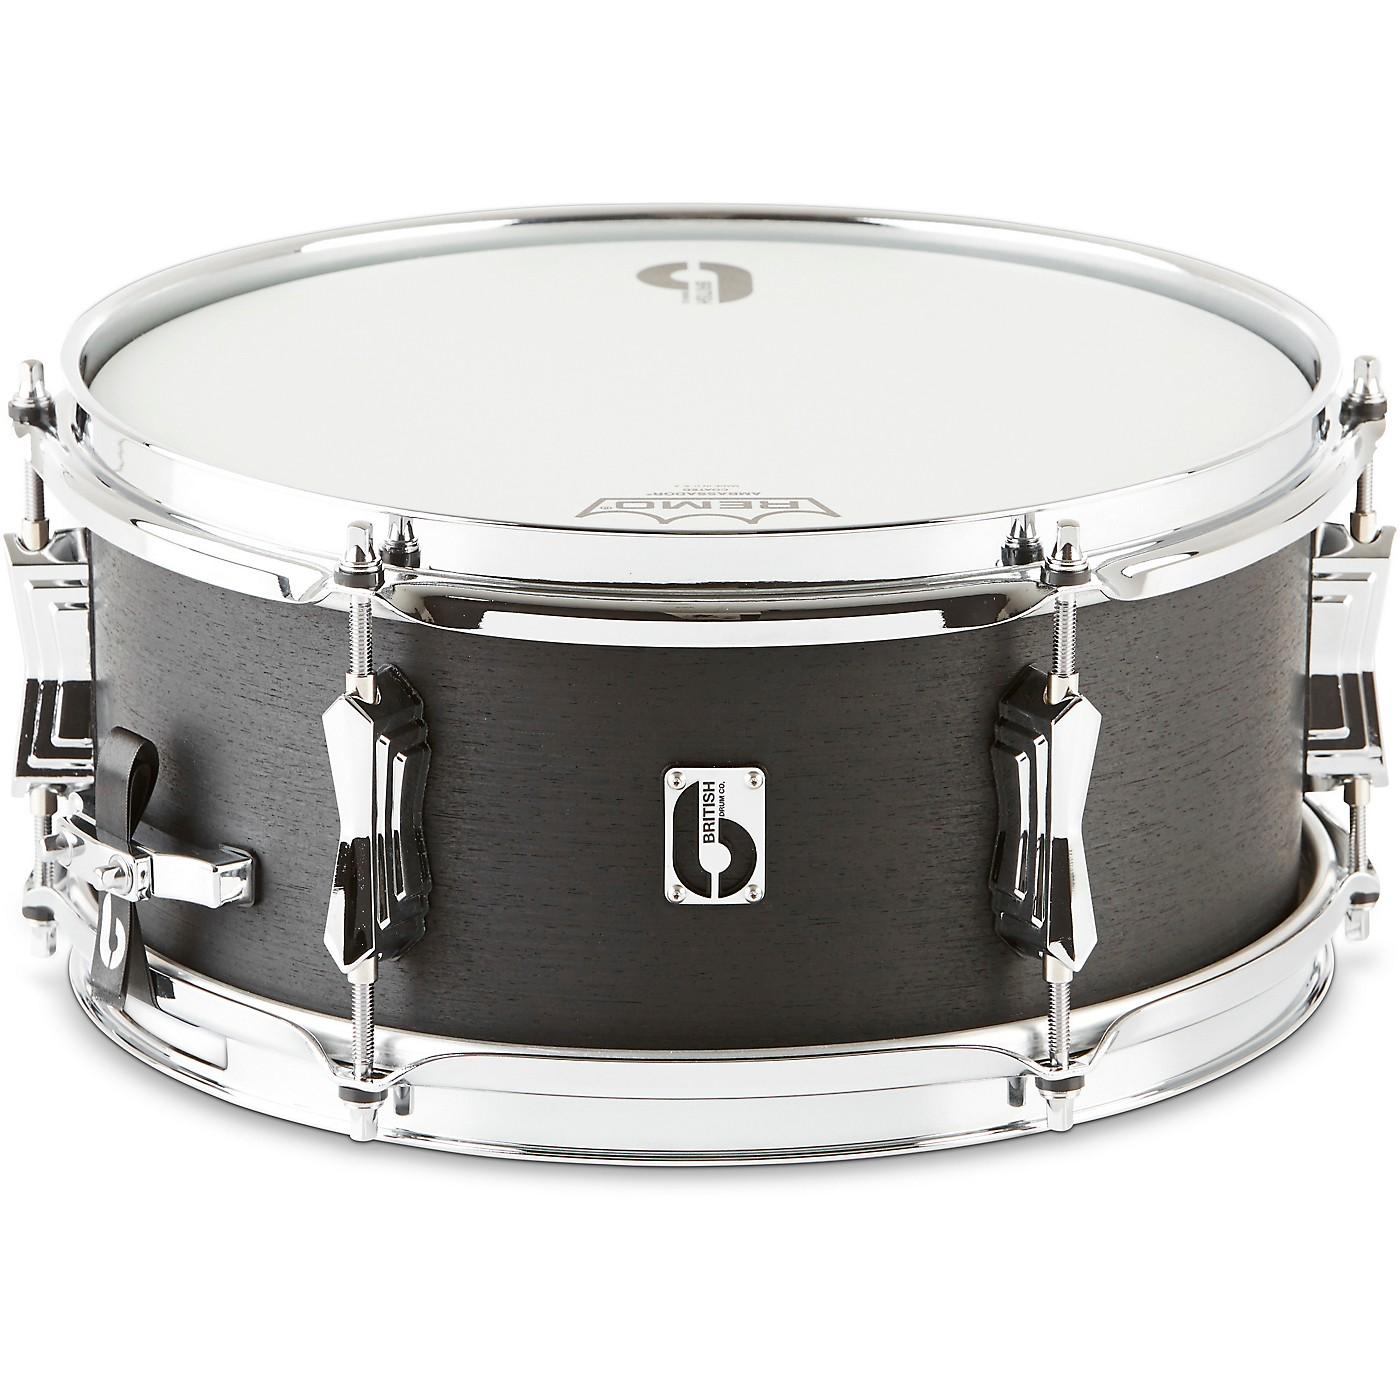 British Drum Co. Imp Snare Drum thumbnail